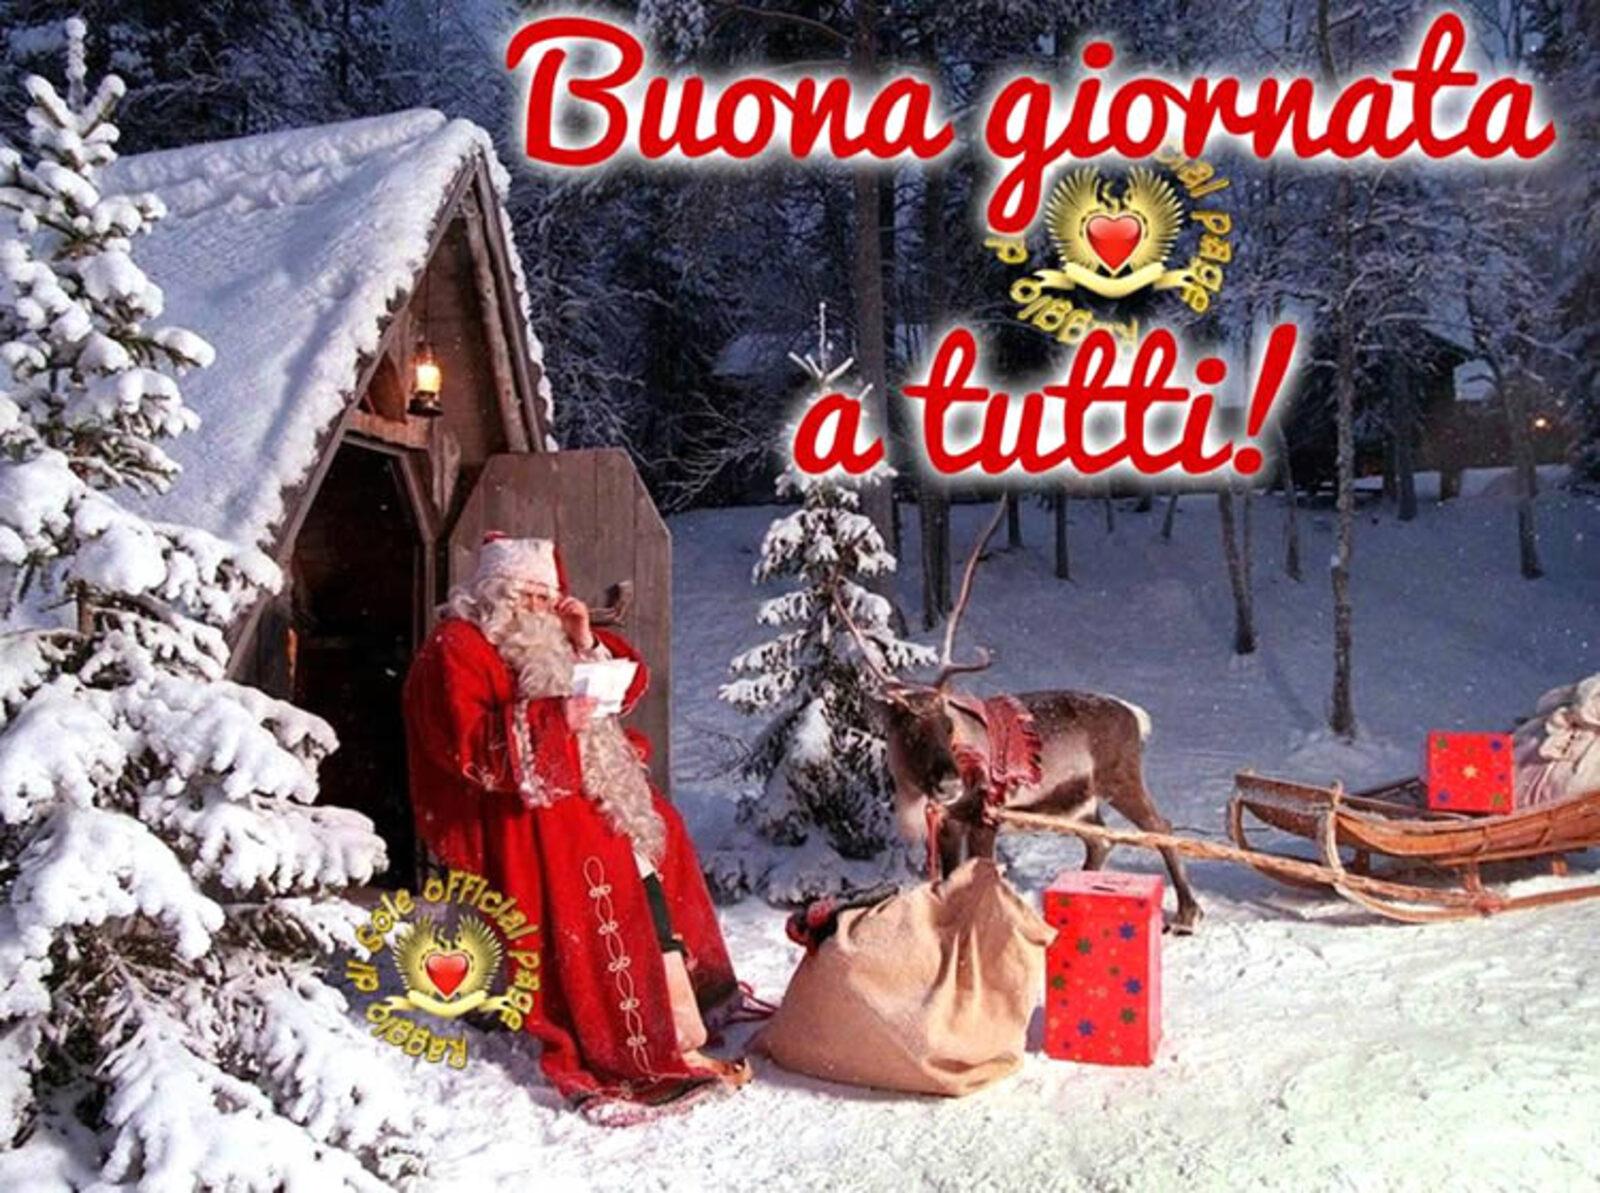 Buona Giornata a tutti! immagini natalizie